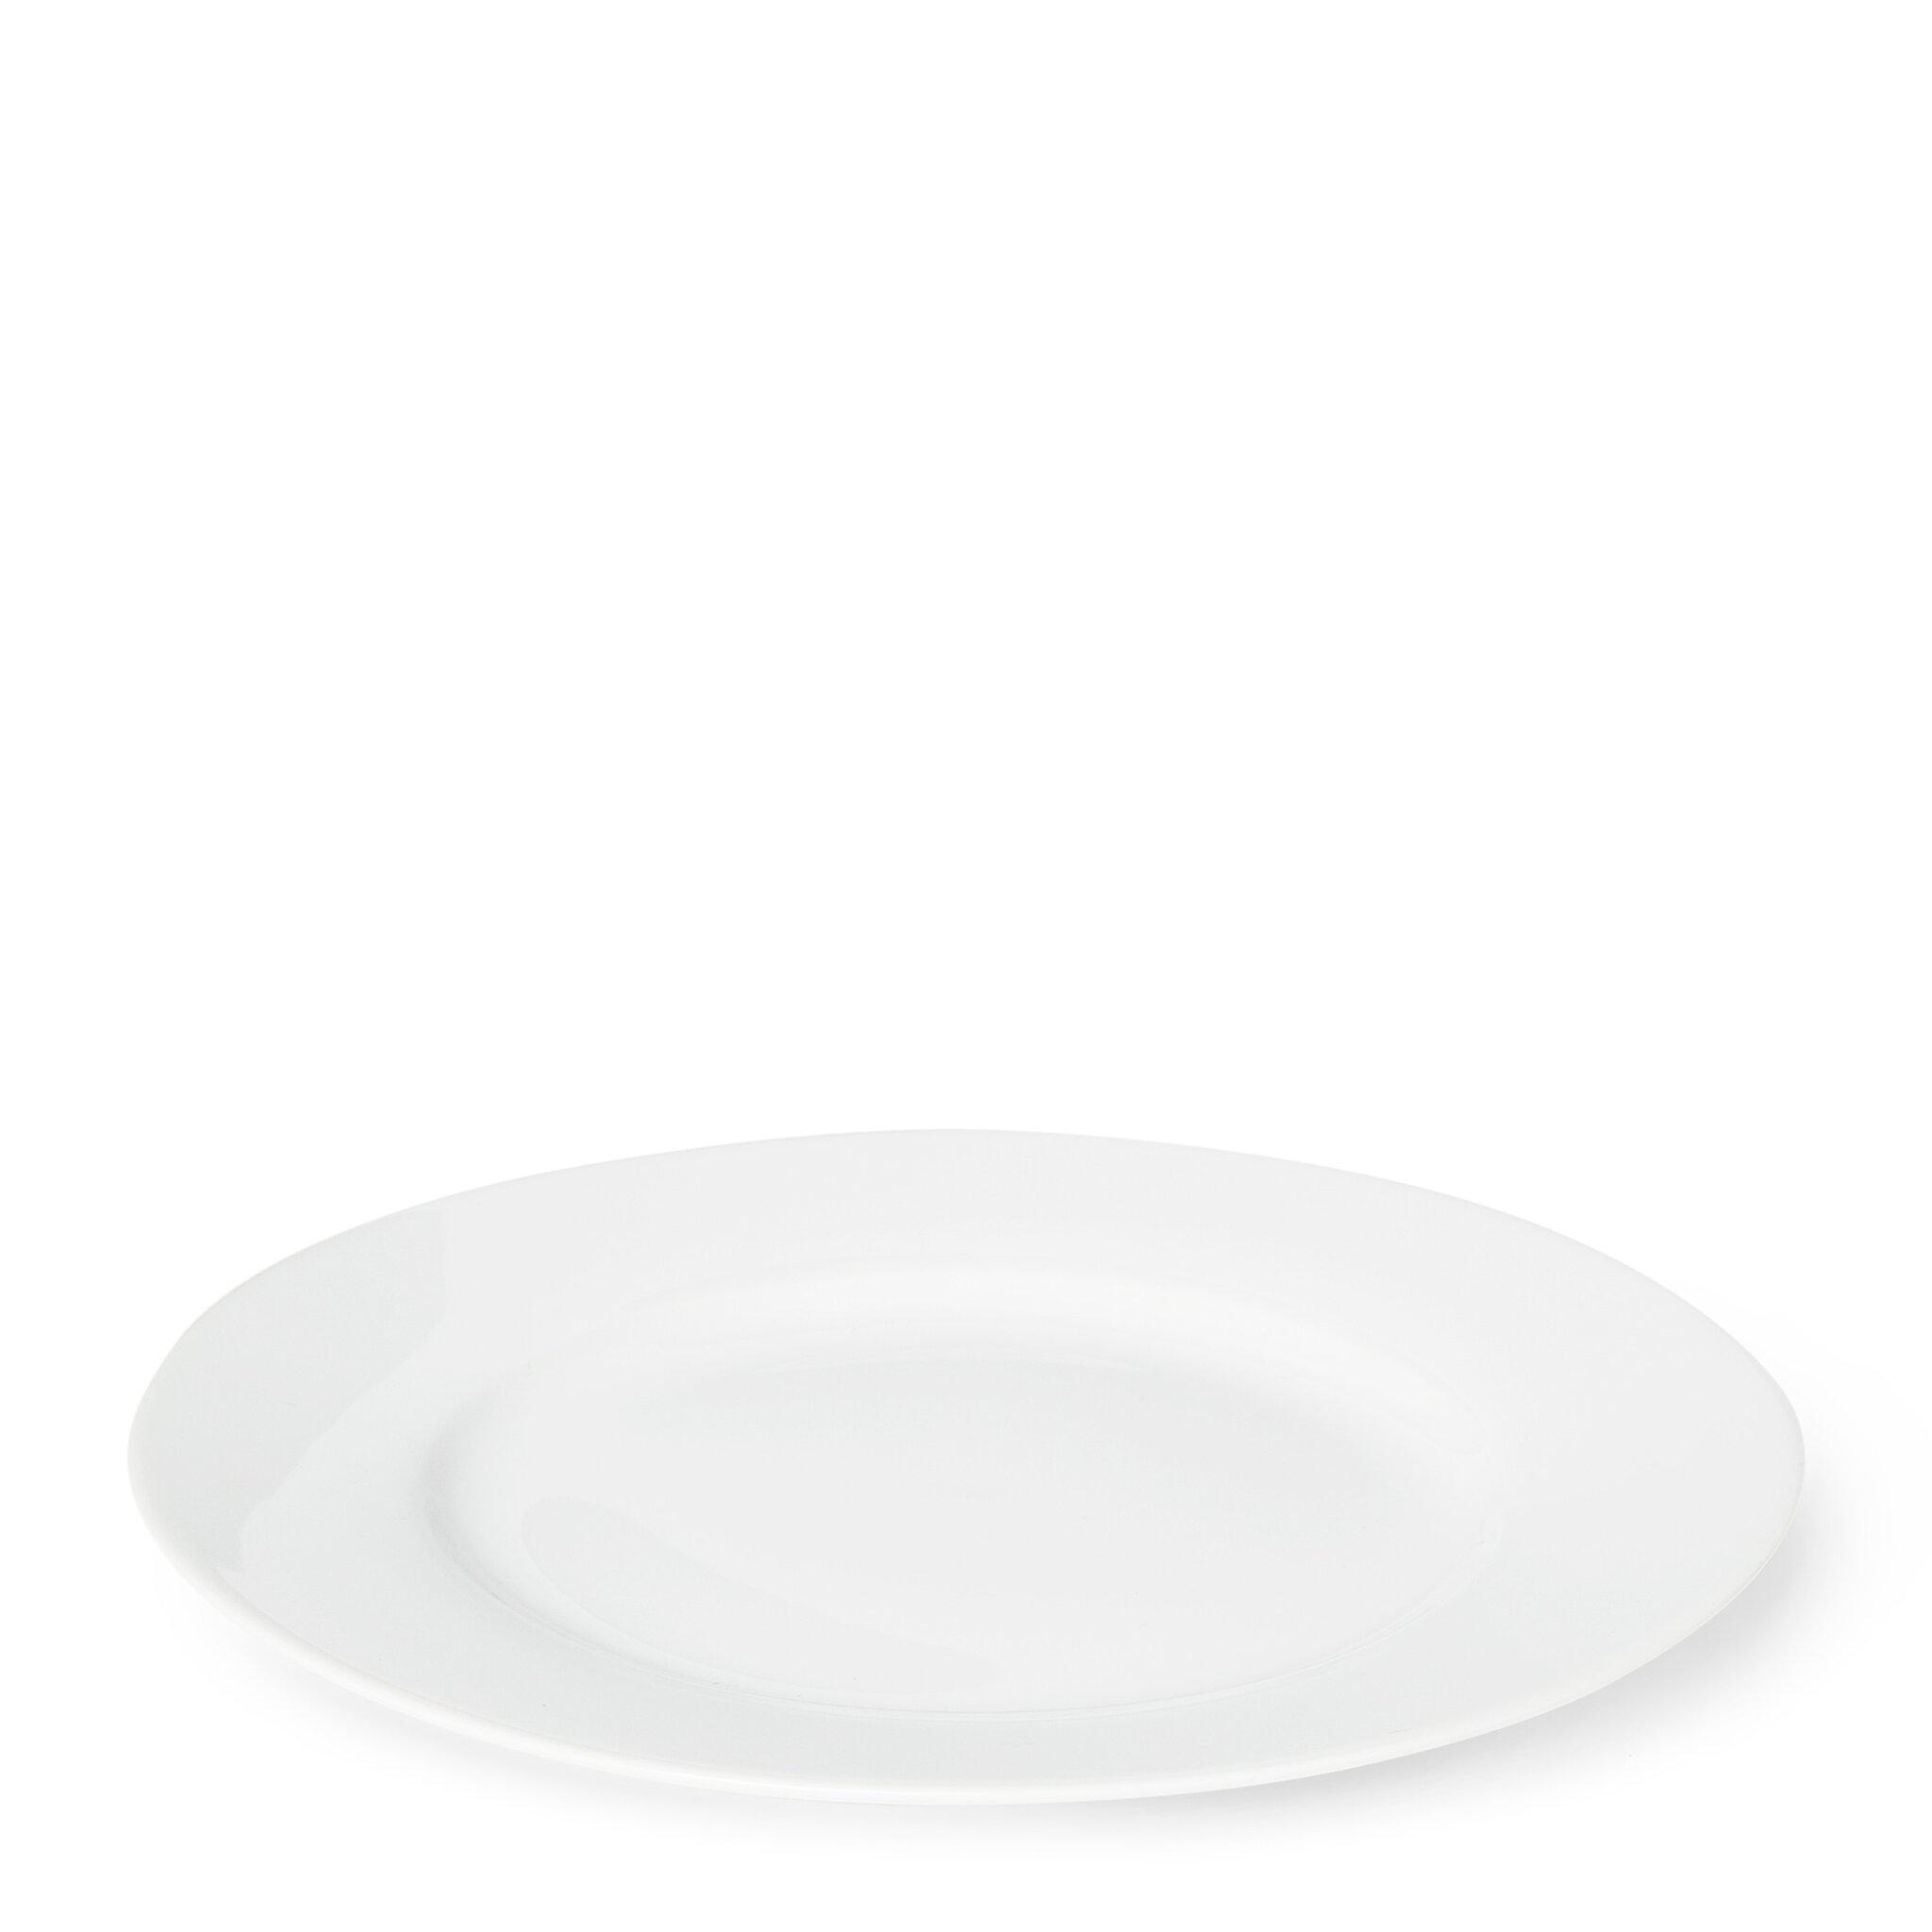 Assiett Bistro Ø 205 cm